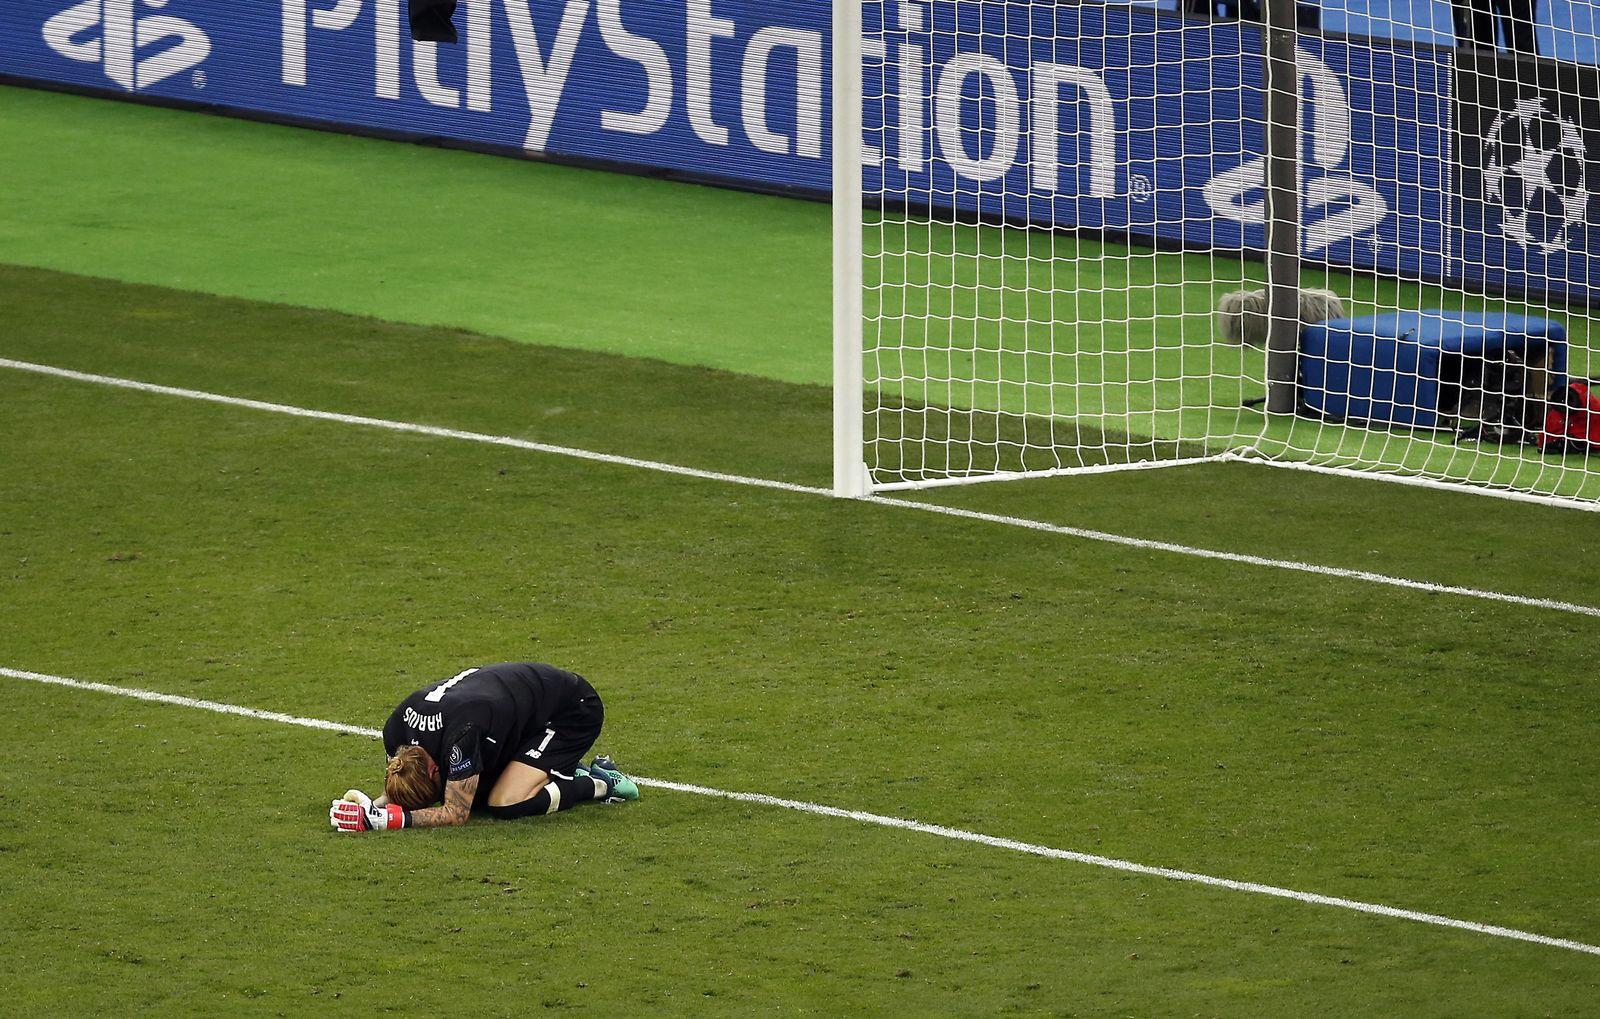 Ukraine Soccer Champions League Final